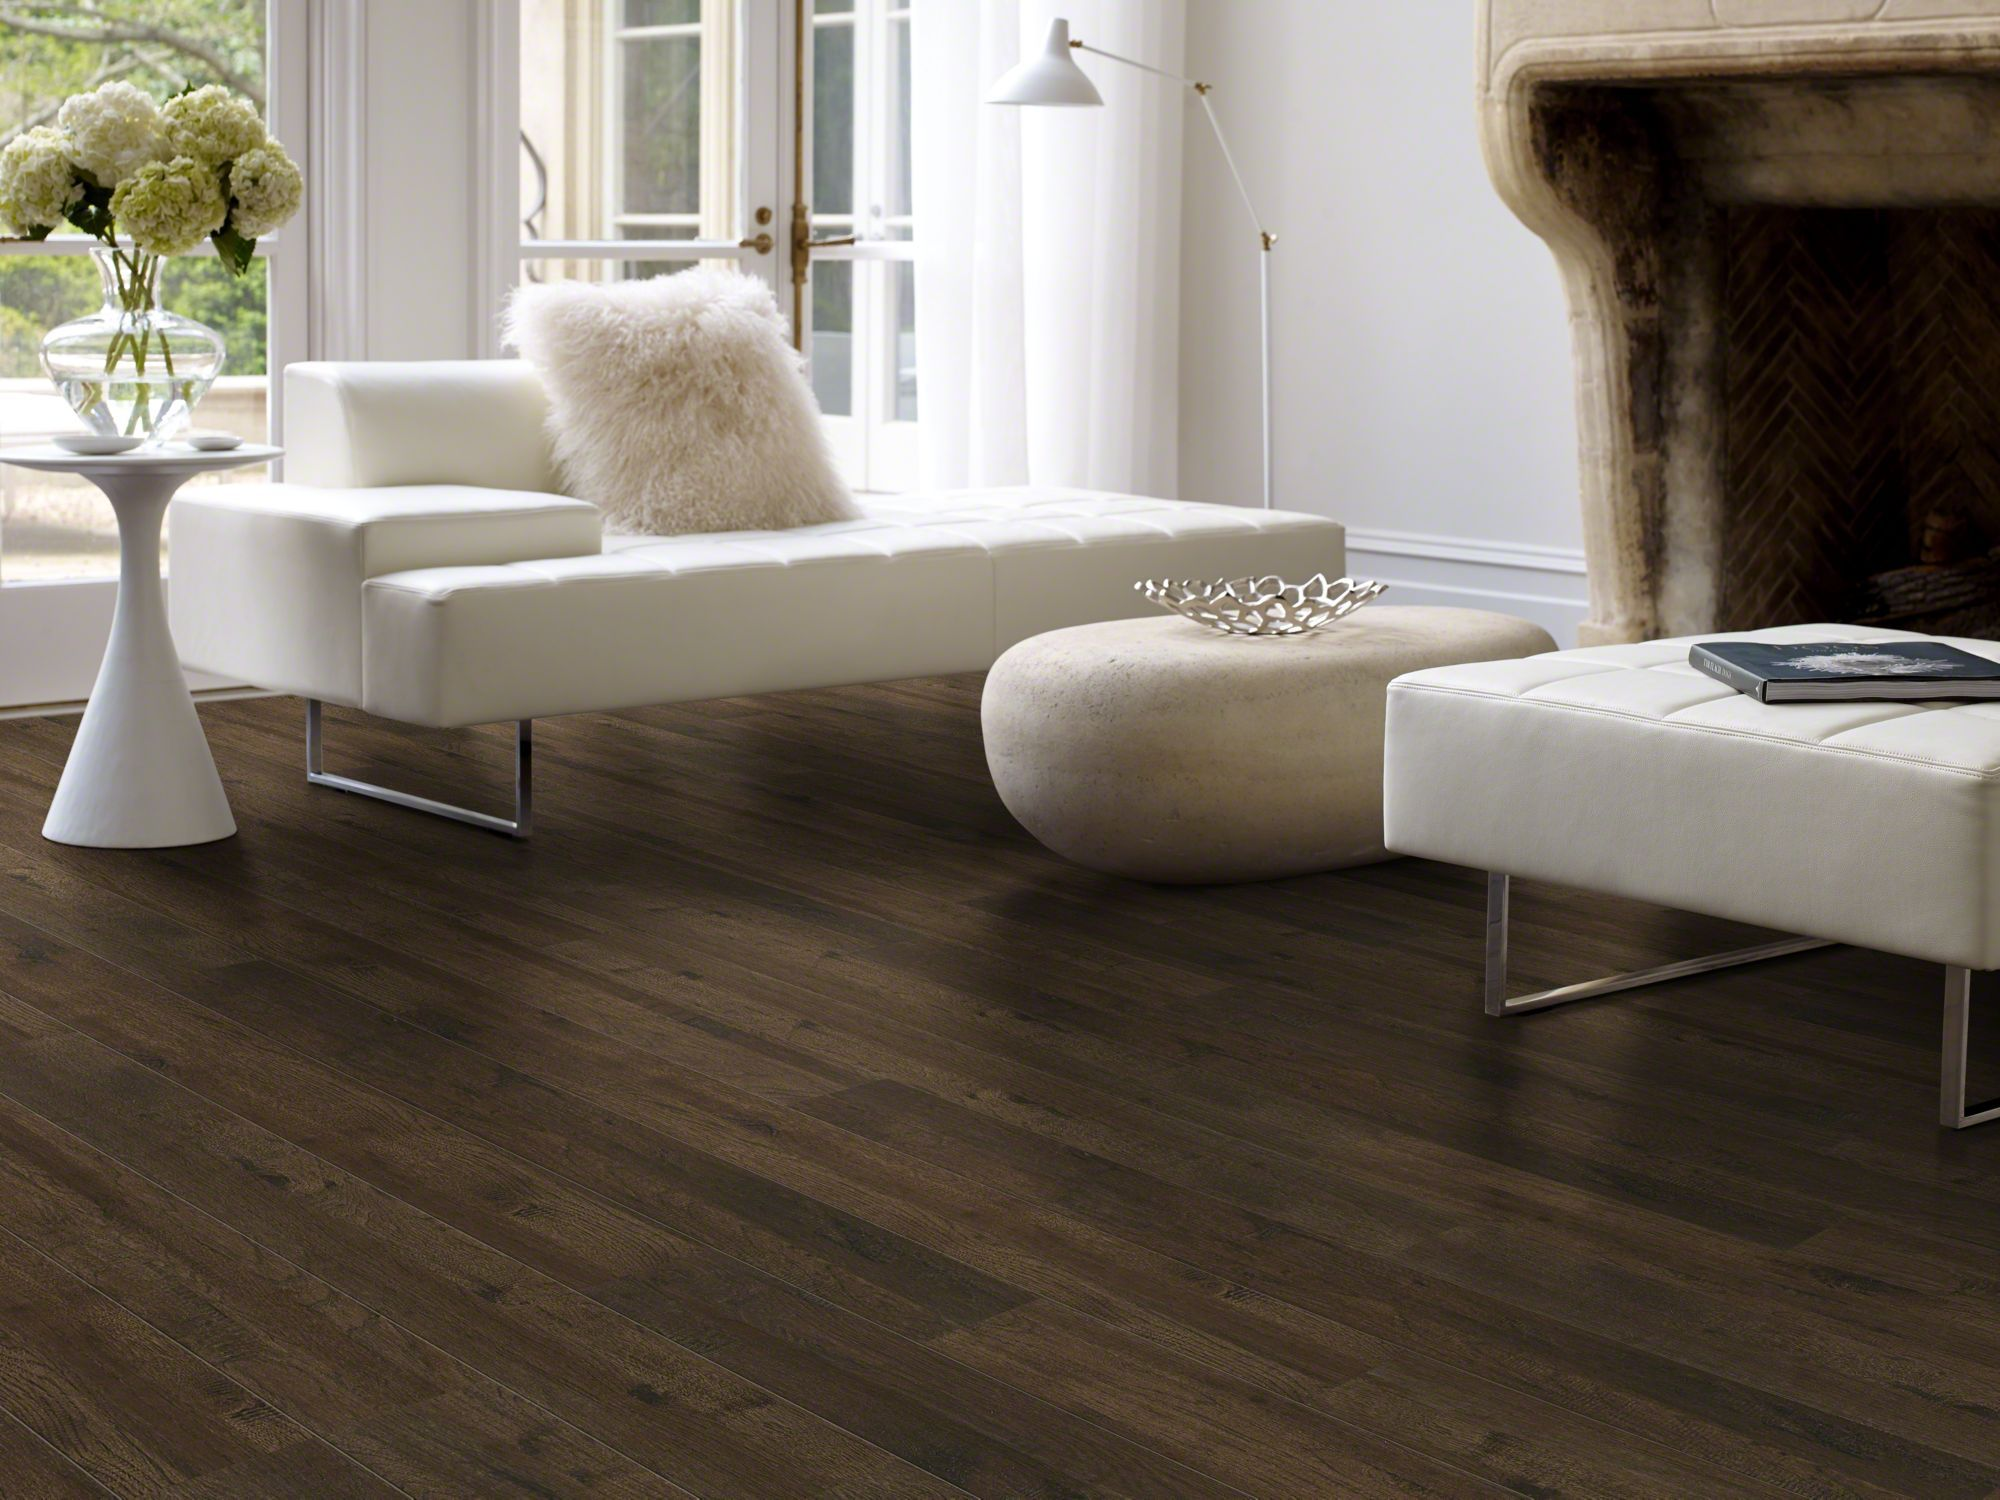 Tahoe Hickory Sa578 Chaplin Hickory Laminate Flooring Wood Laminate Floors Wood Floors Wide Plank Solid Hardwood Floors Wood Laminate Flooring